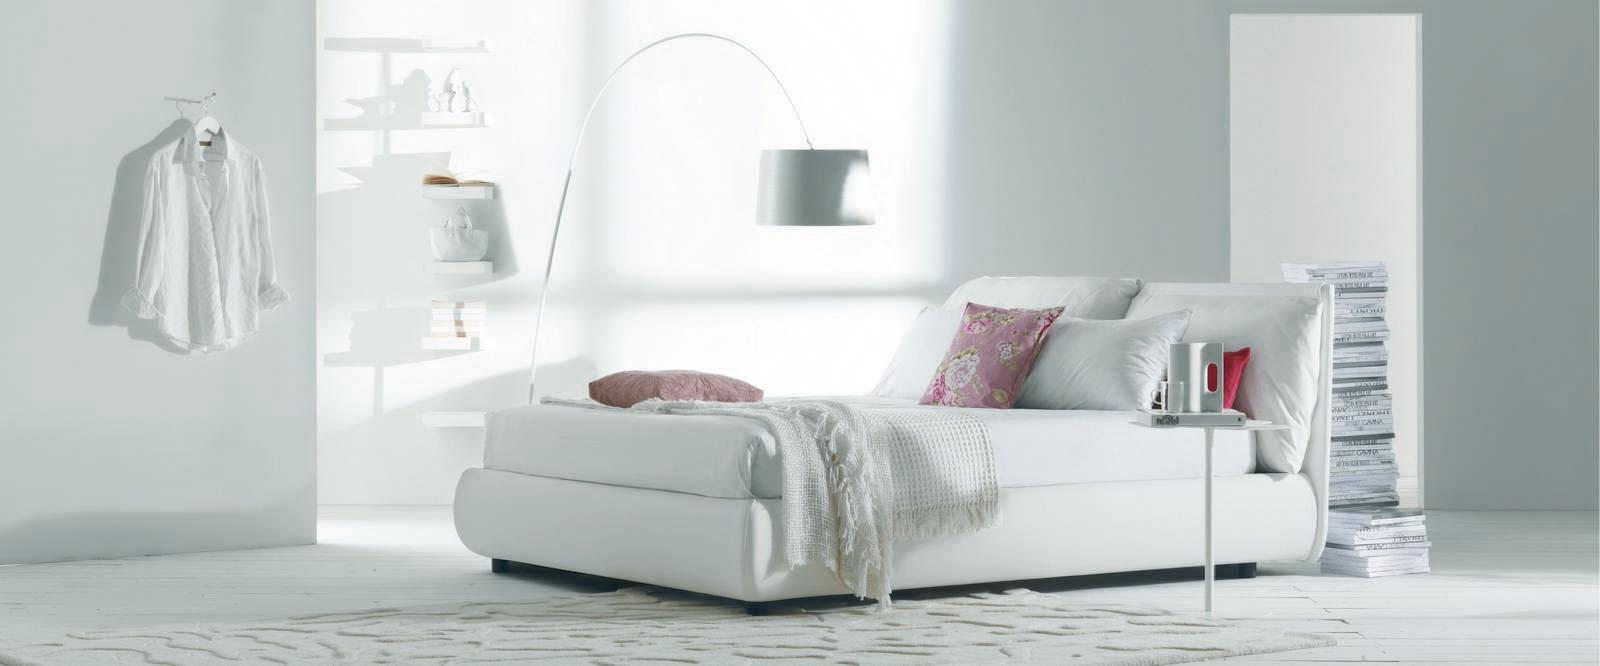 Balta, moderni dvigule lova Heaven